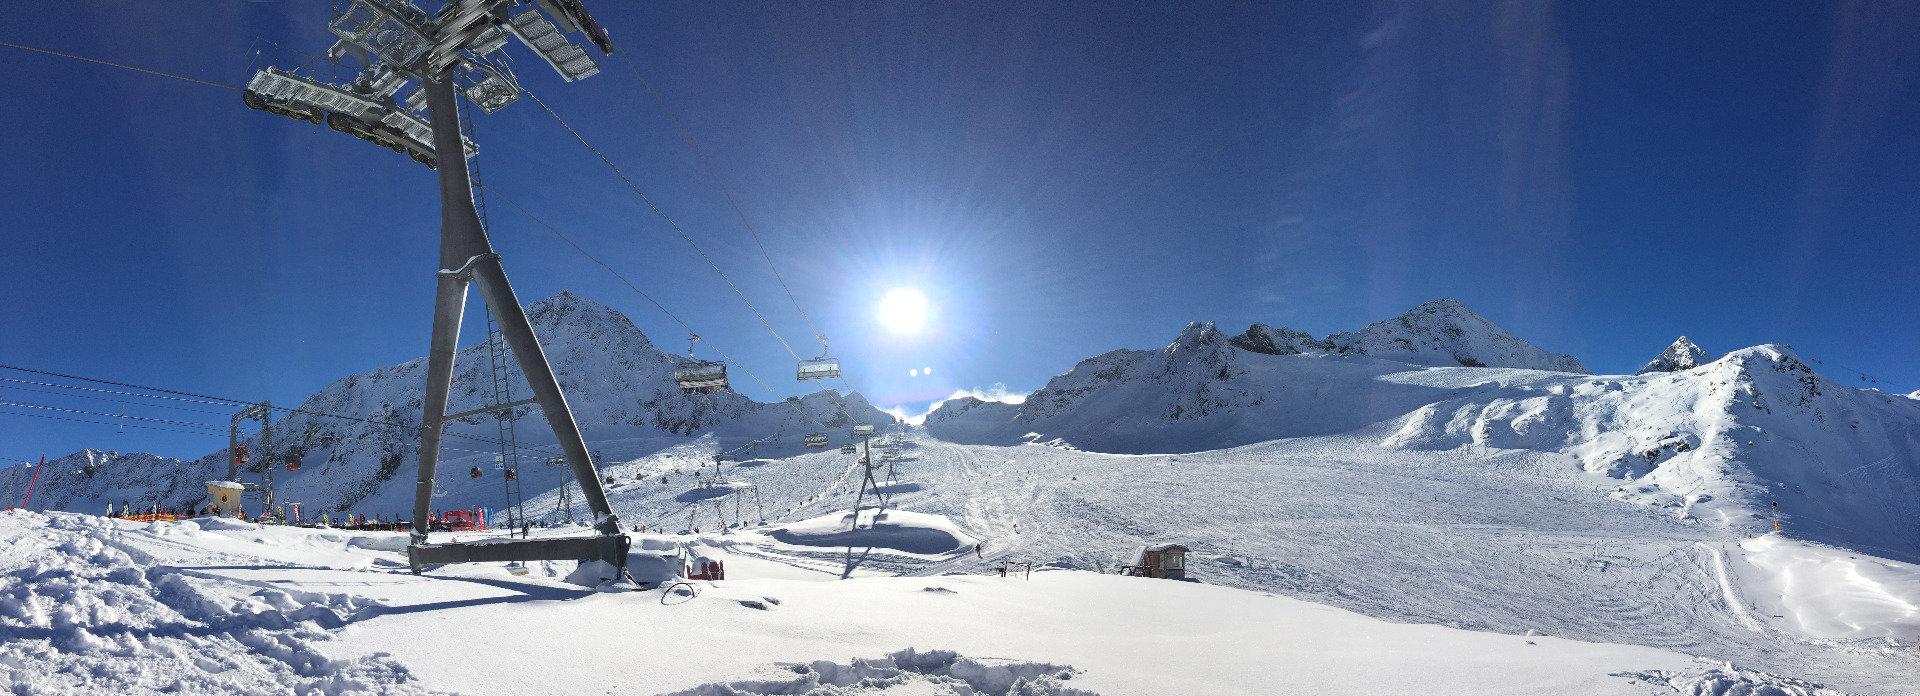 Blick vom Eisgrat auf die Pisten am Stubaier Gletscher - ©Skiinfo